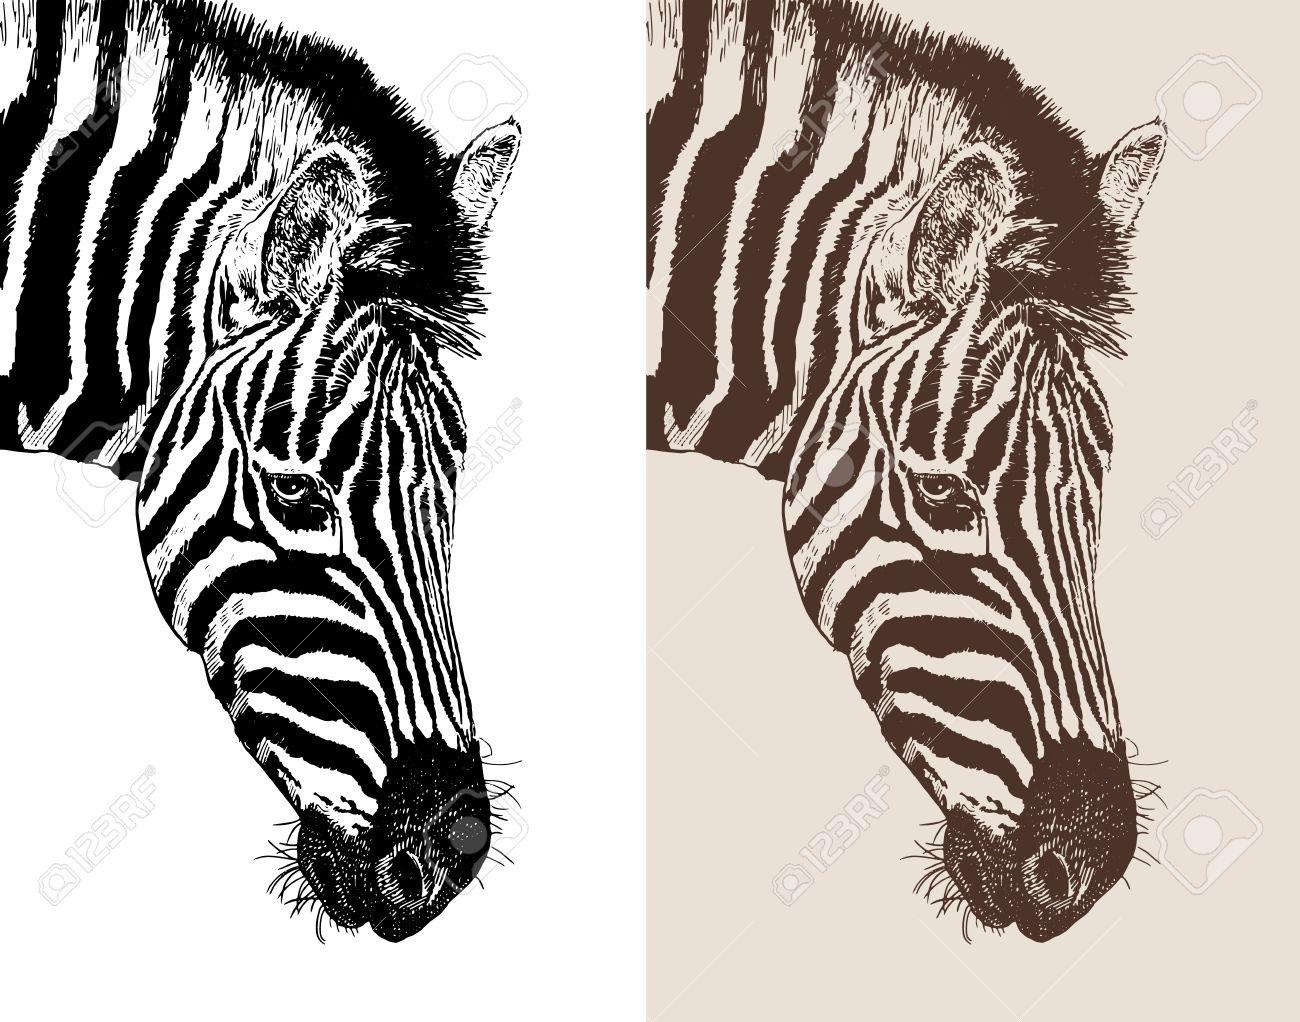 Tête D Illustration Profil Zèbre Croquis Numérique De L Animal Réaliste Dessin Noir Et Blanc Et La Version Sépia Isolé Sur Fond Blanc Illustration